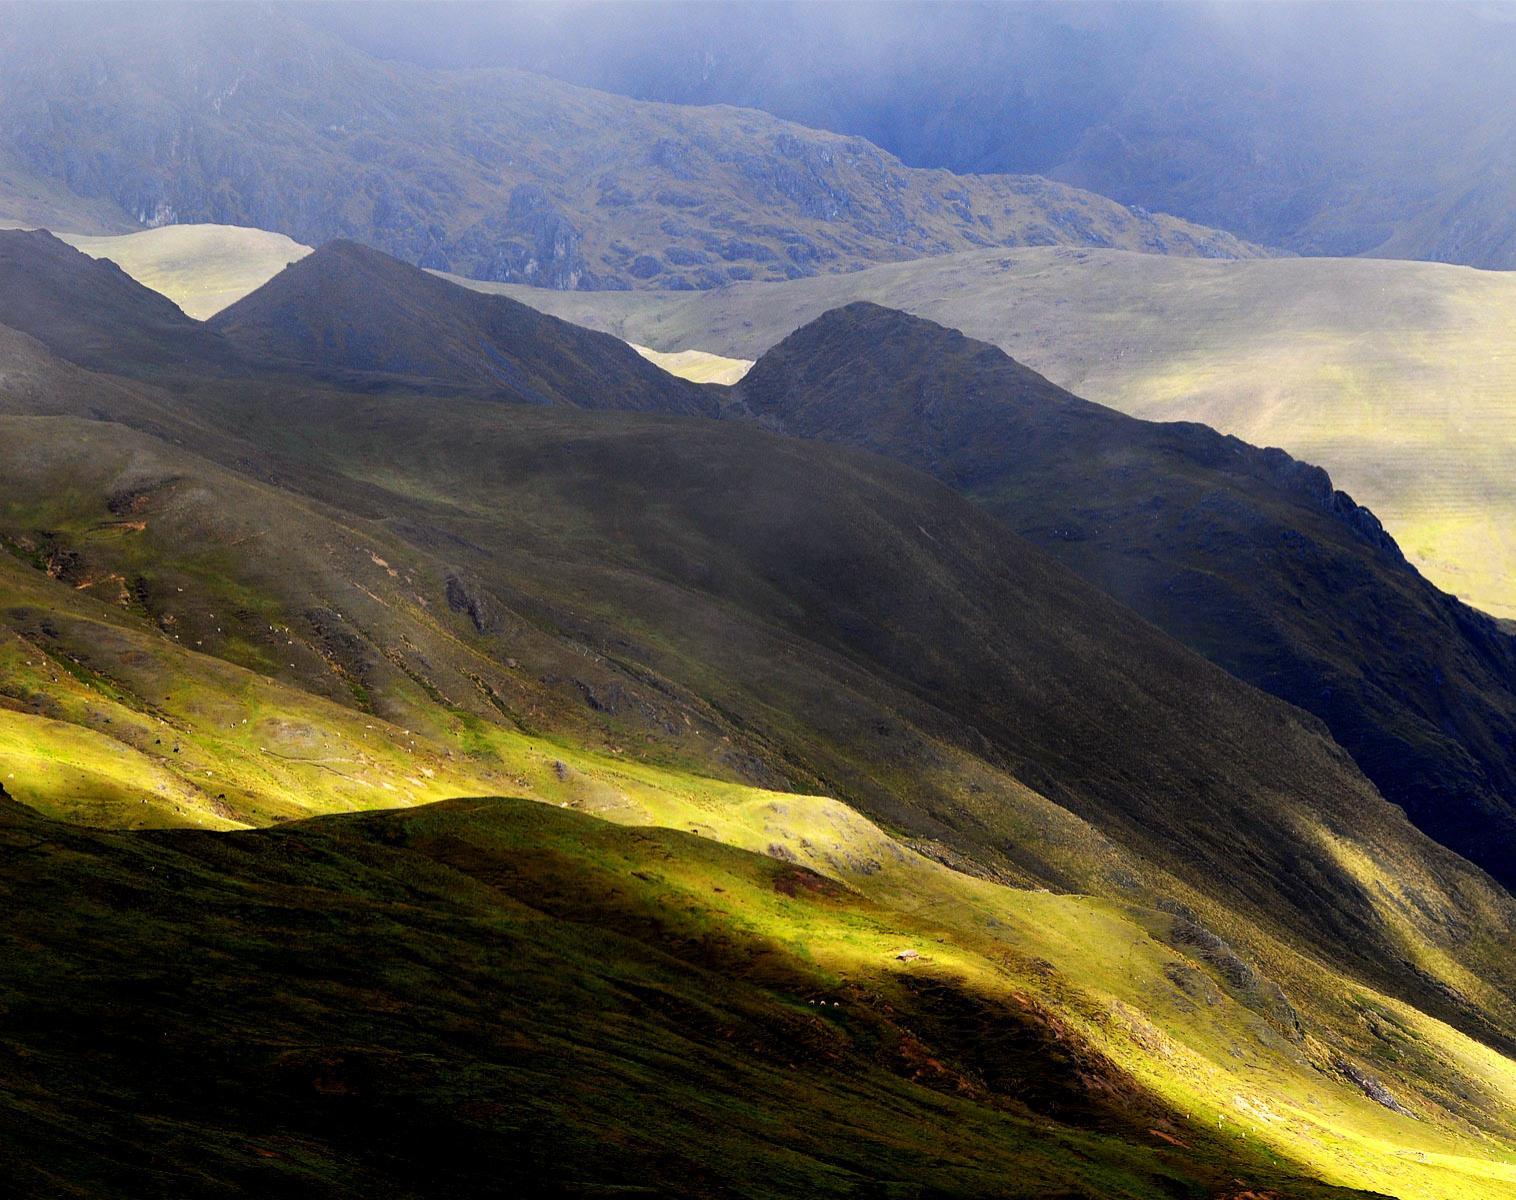 Pérou  Sur les chemins du pays Quechua   Découverte Trek & Randonnée